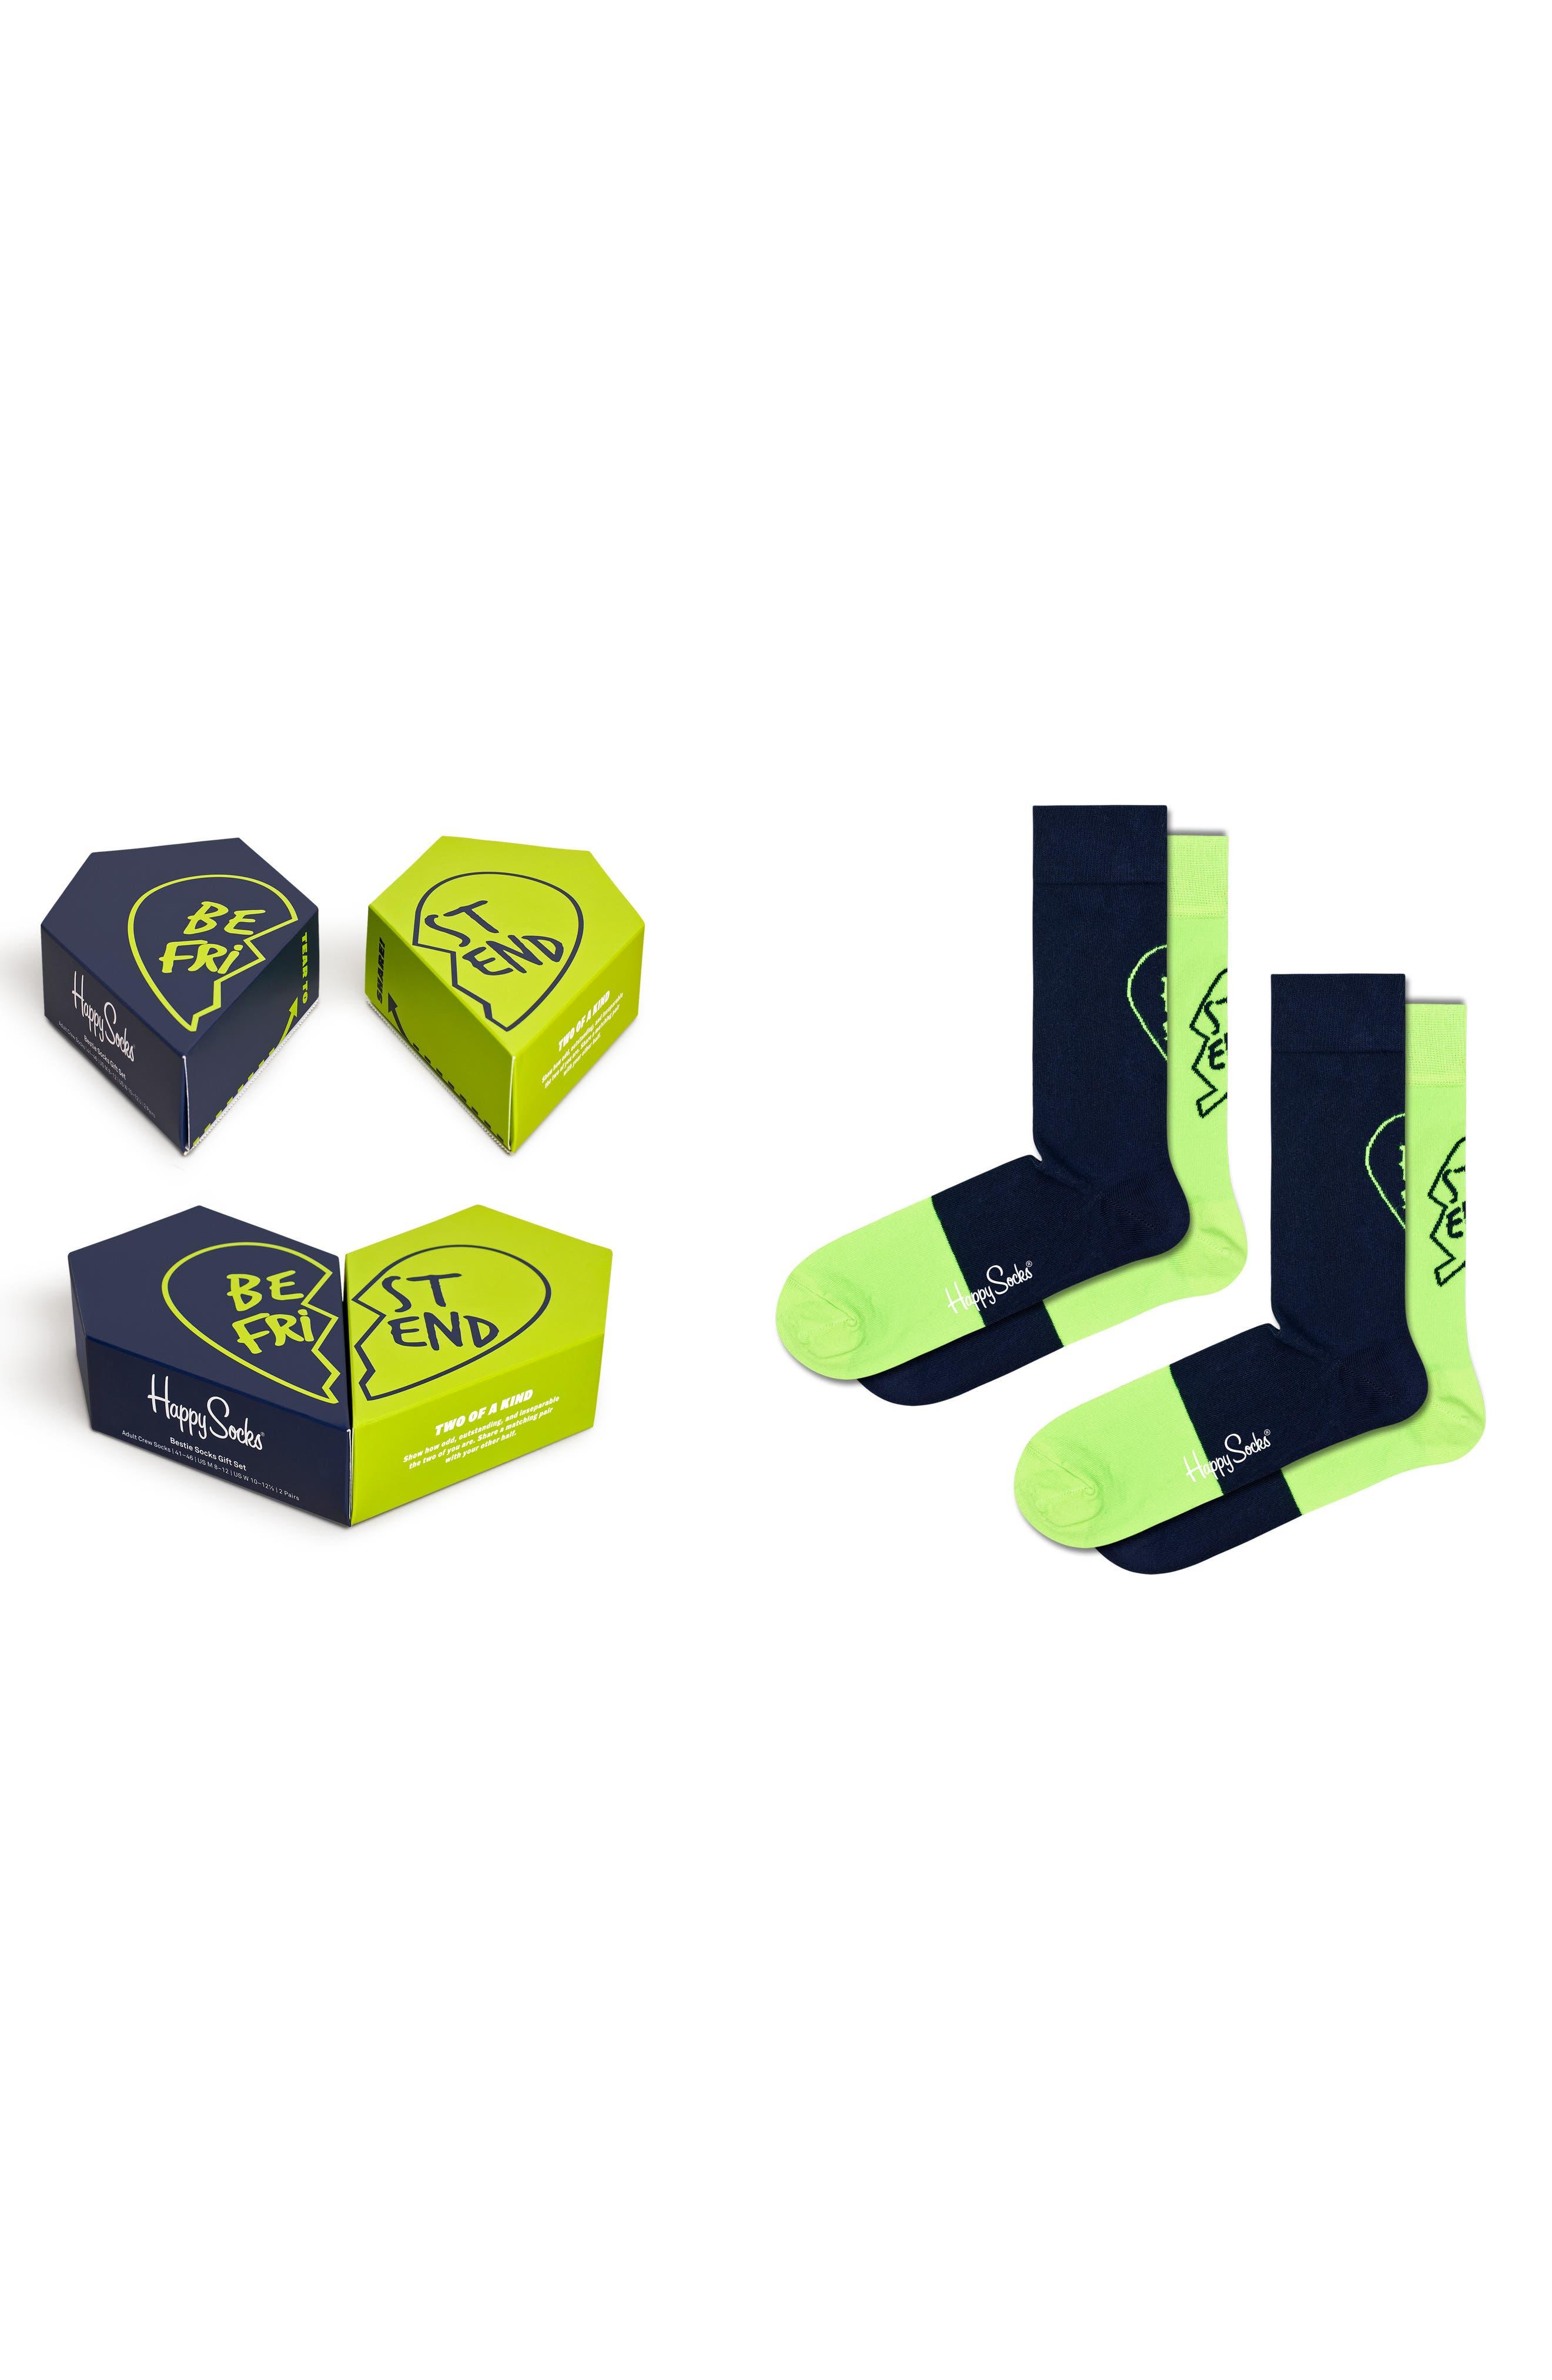 Bestie 2-Pack Crew Socks Gift Box